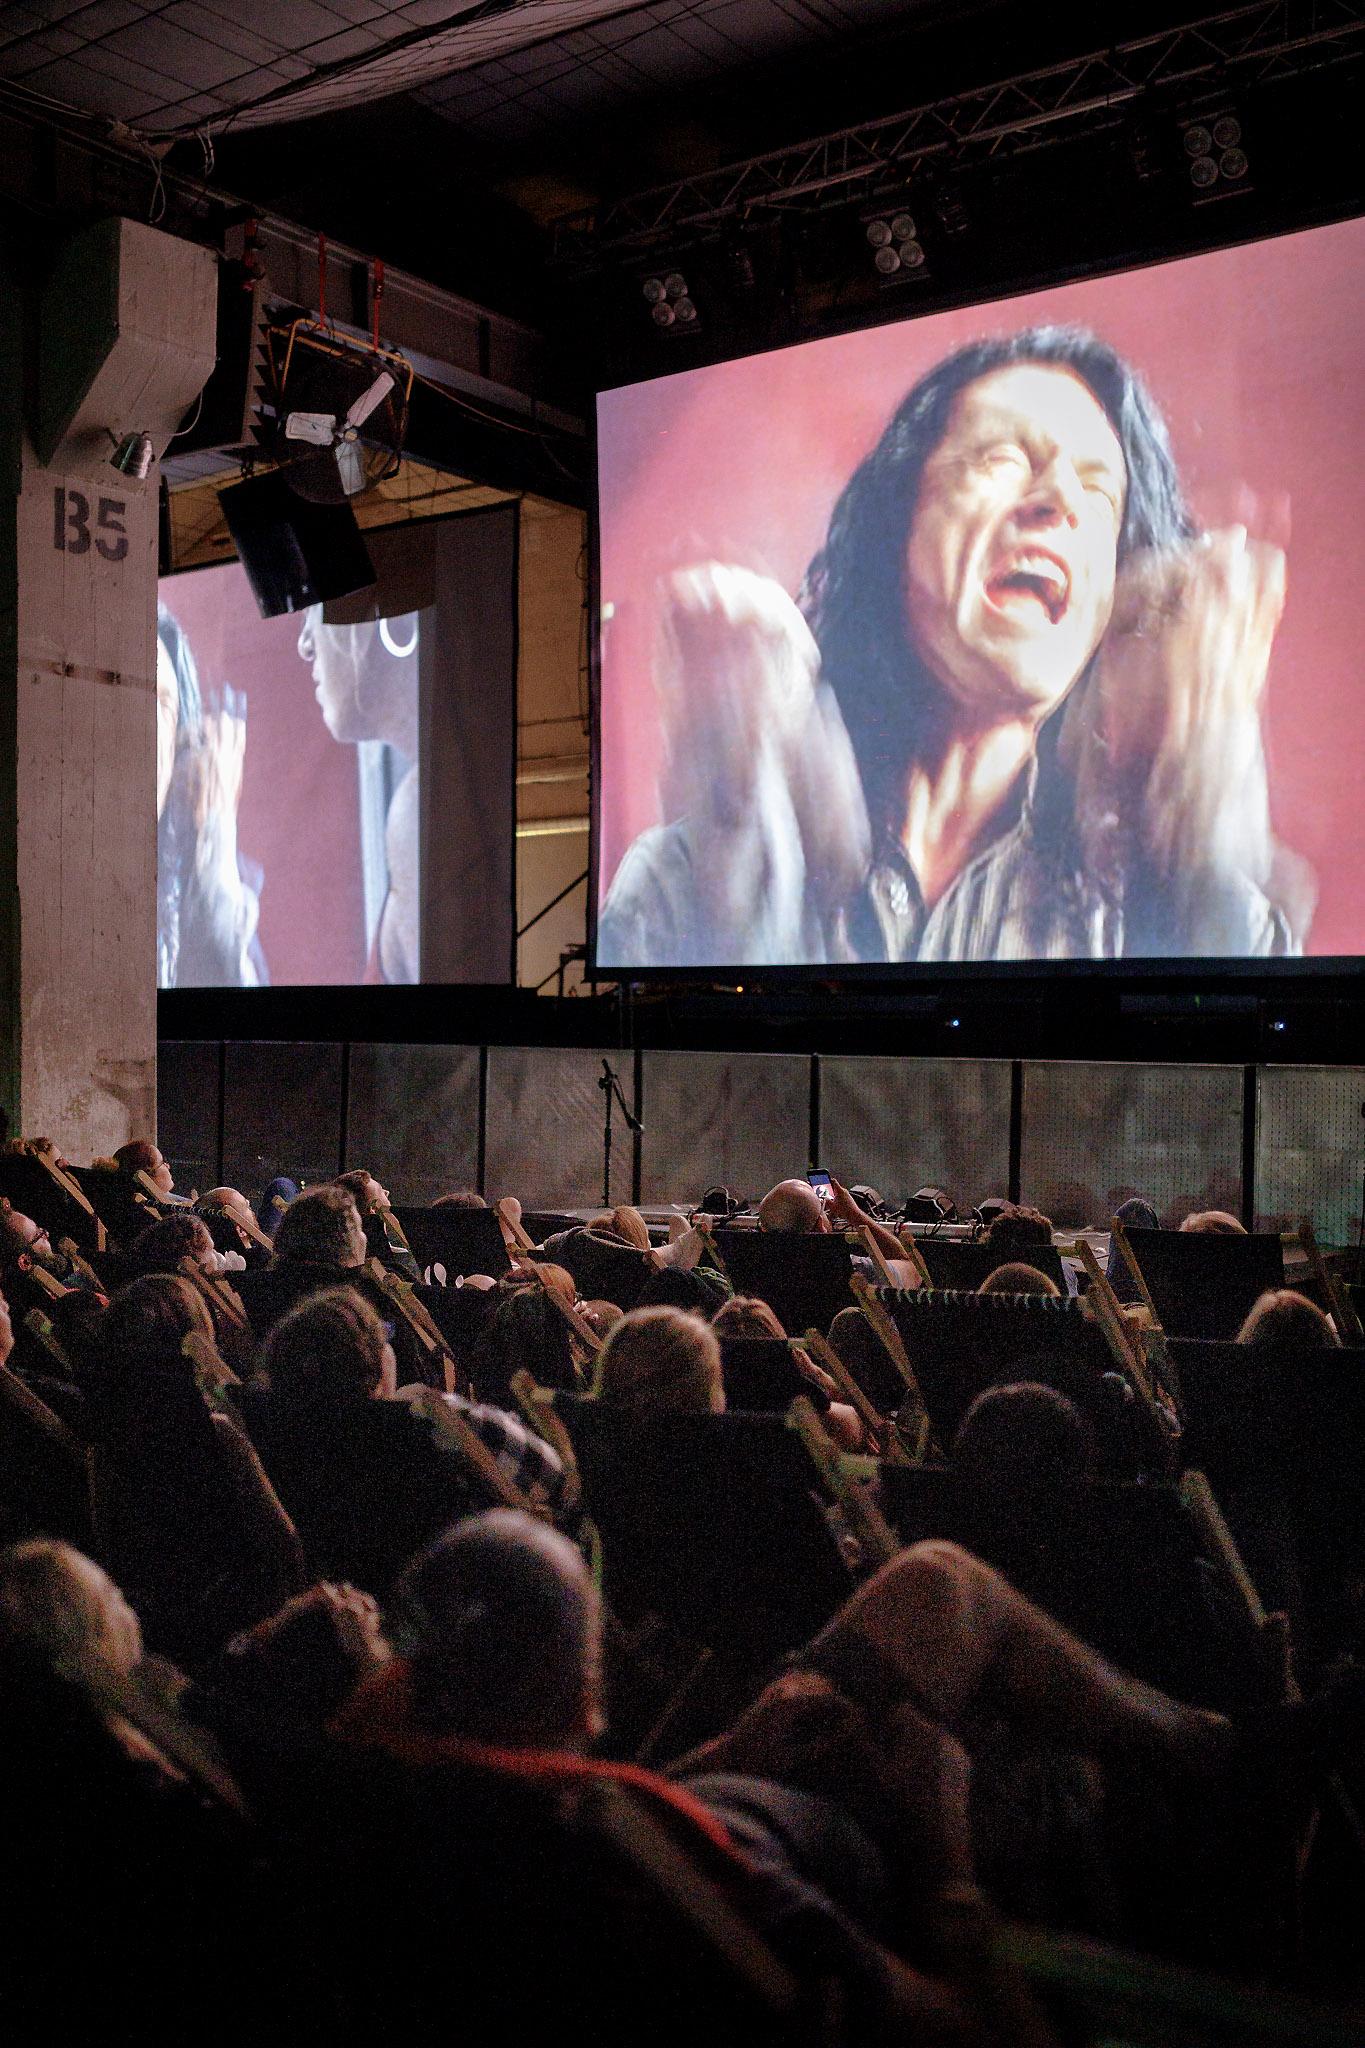 Octopus Film Festival, fot. M. Szymonczyk (źródło: materiały prasowe organizatora)